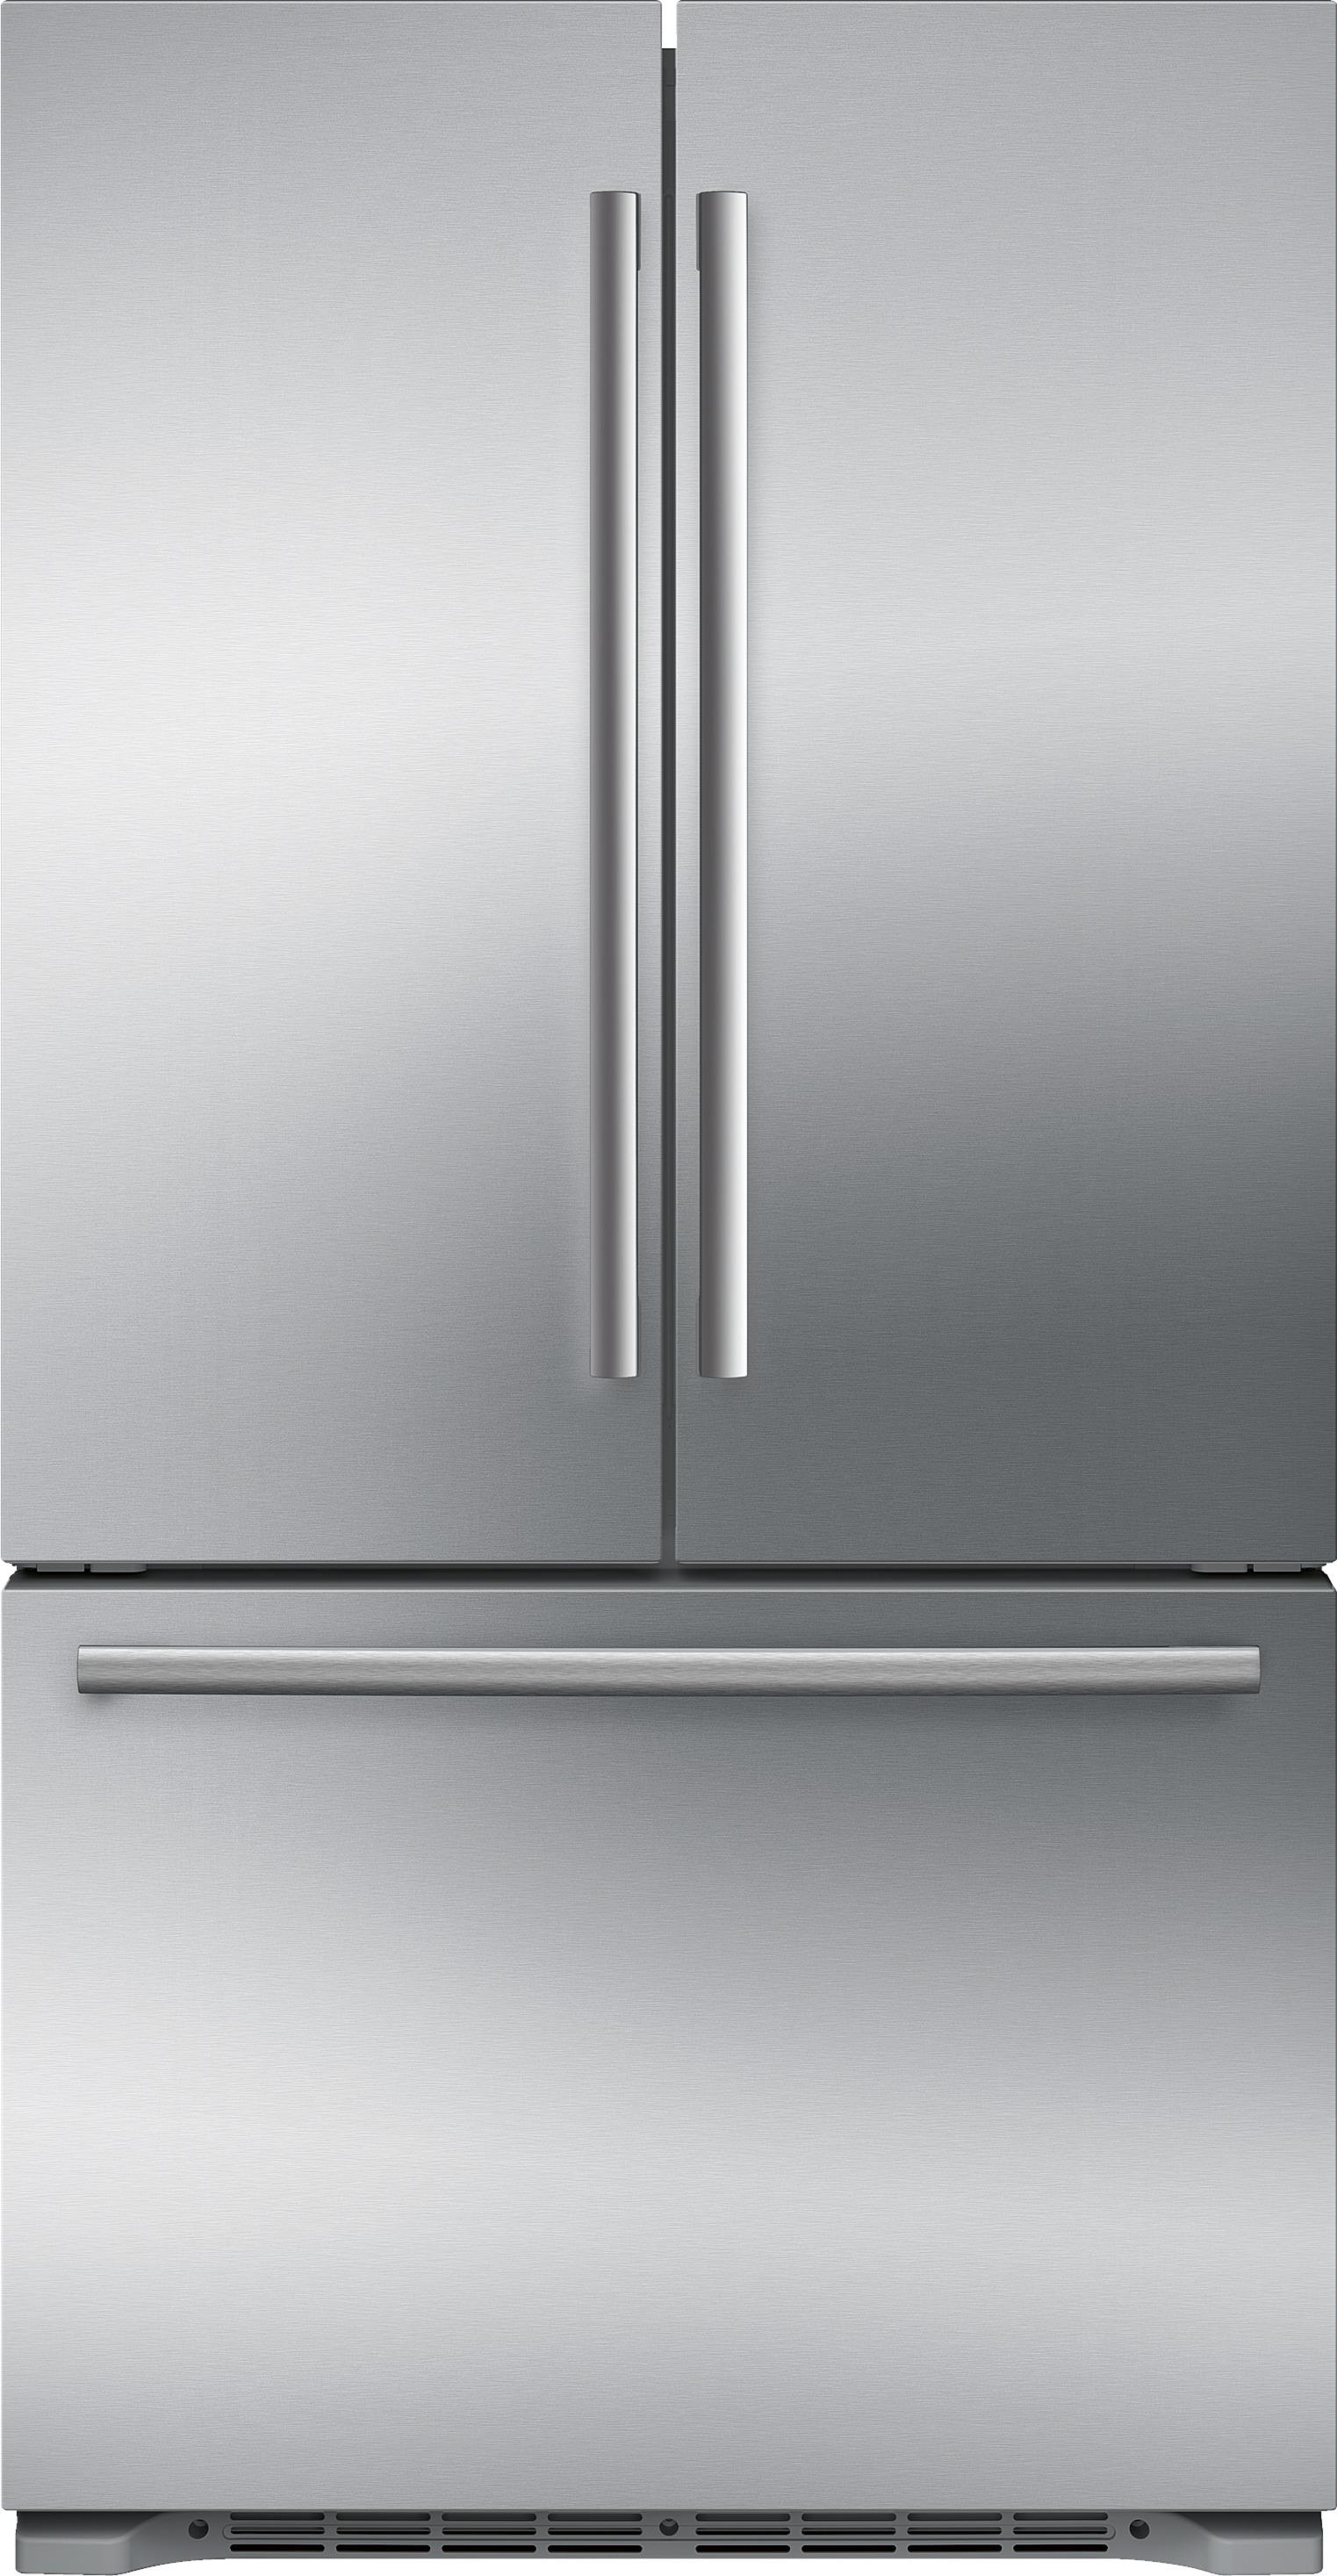 Bosch 800 Series 207 Cu Ft Counter Depth 3 Door Refrigerator